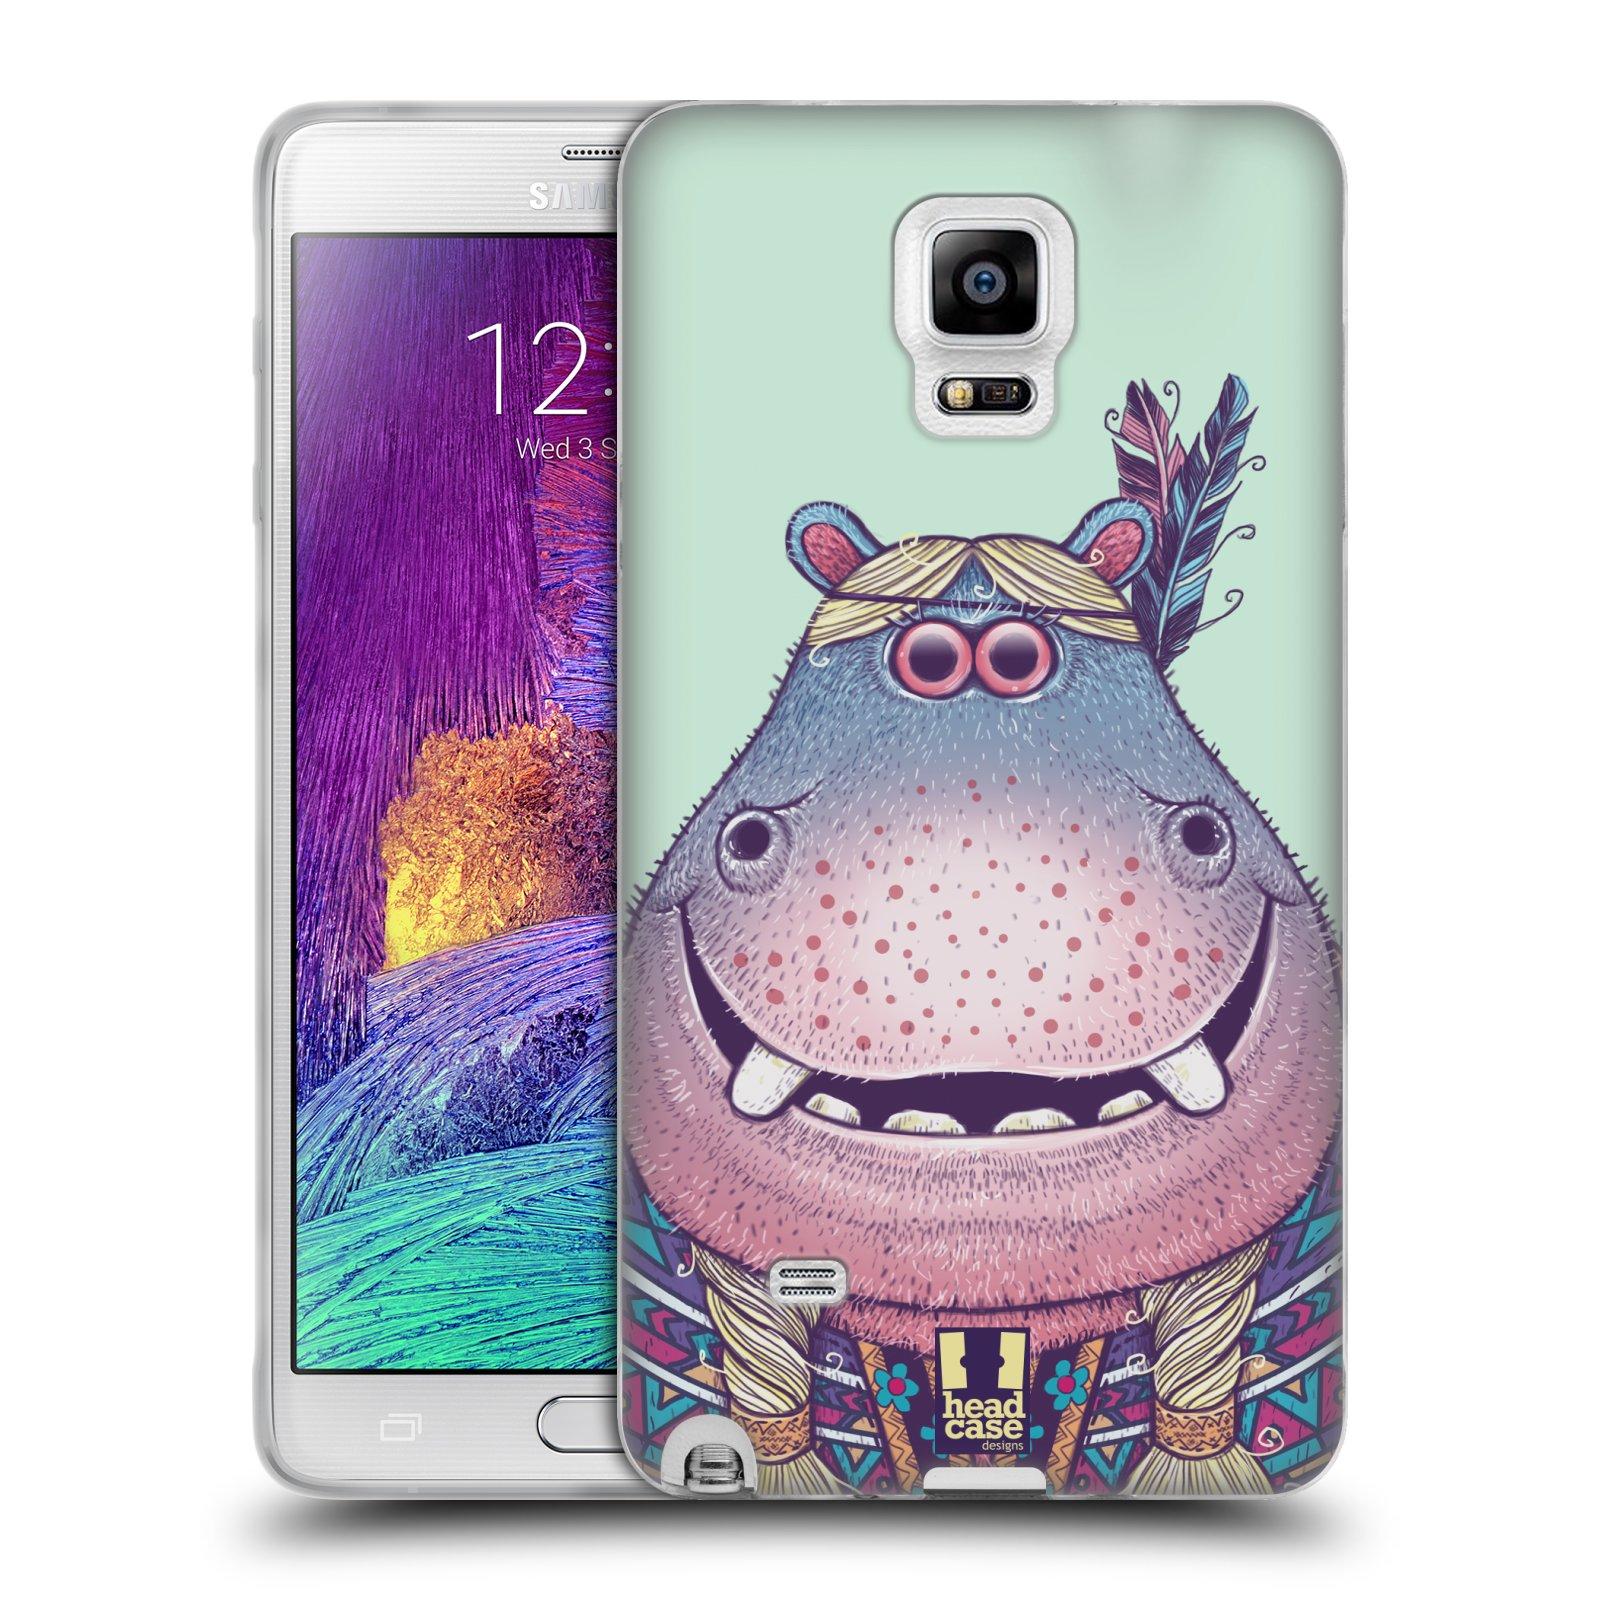 HEAD CASE silikonový obal na mobil Samsung Galaxy Note 4 (N910) vzor Kreslená zvířátka hroch